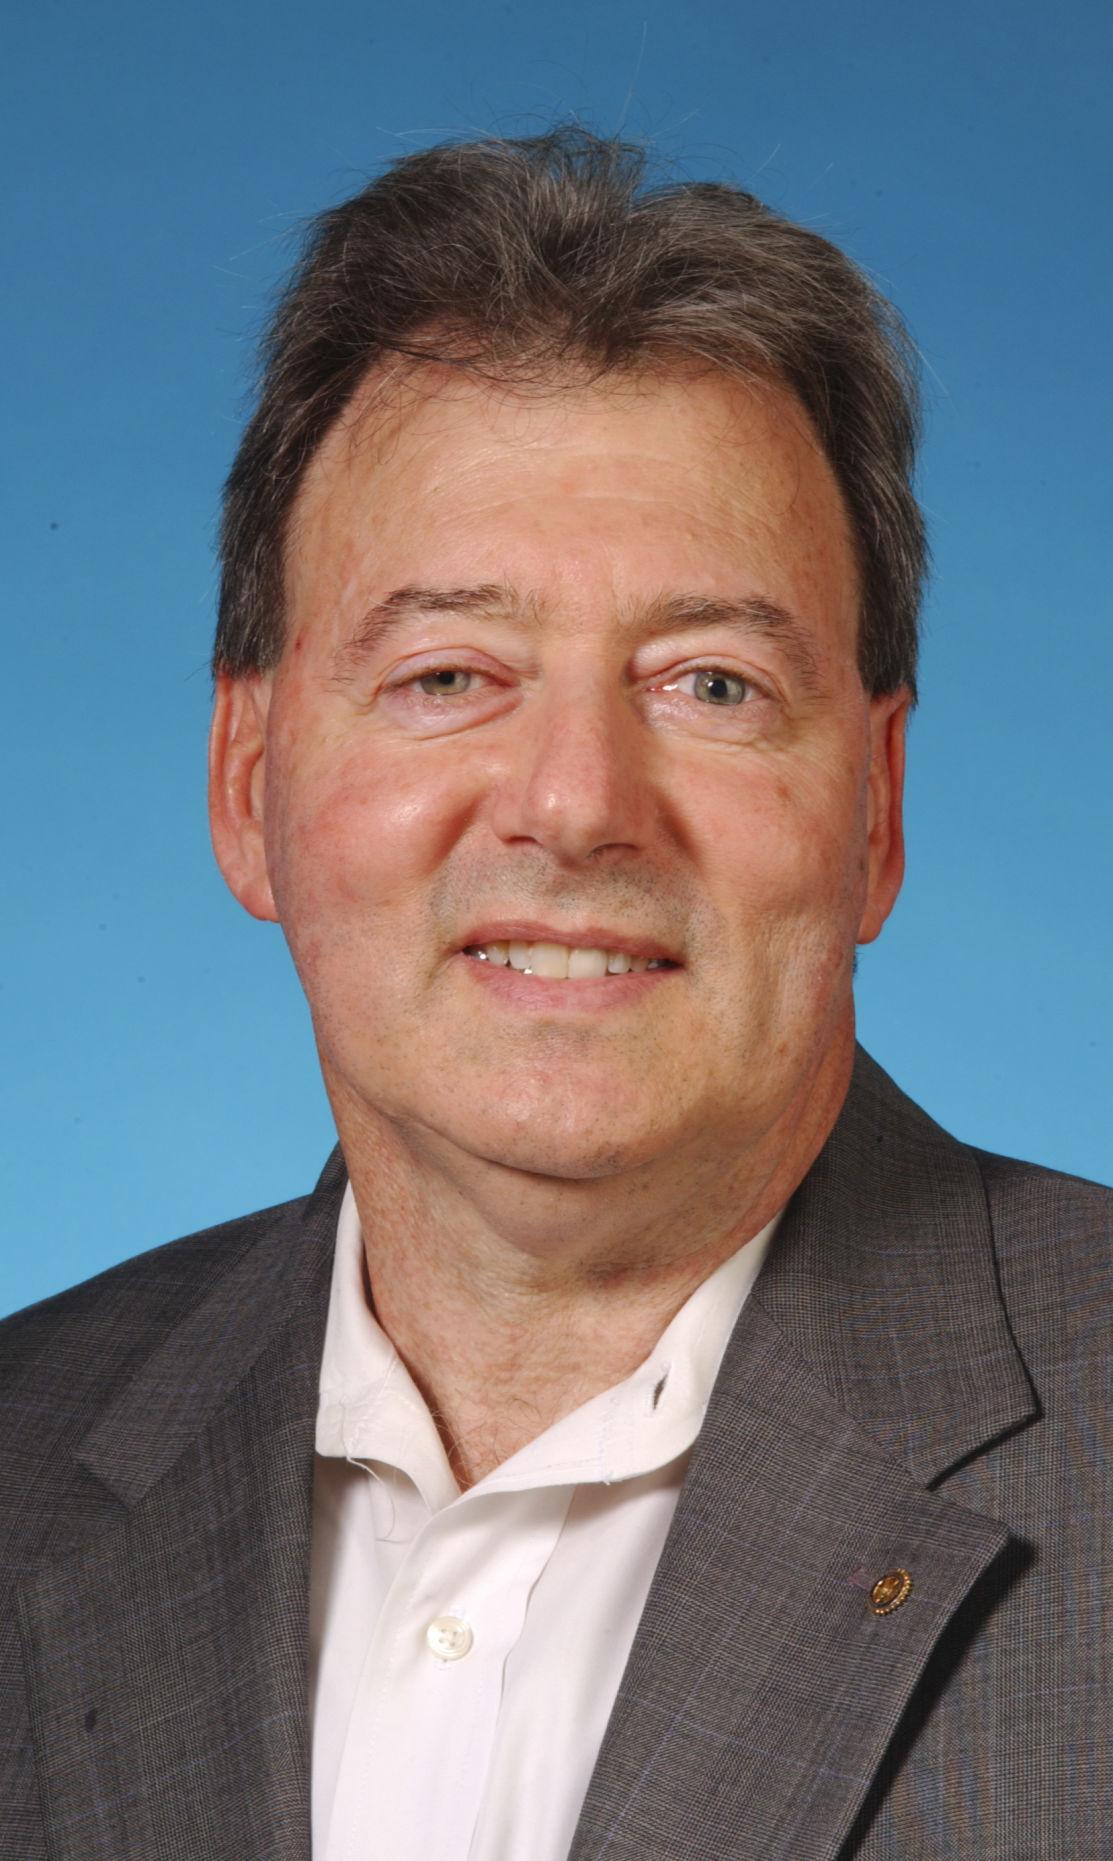 Jeff Collen, CEO of the Racine YMCA